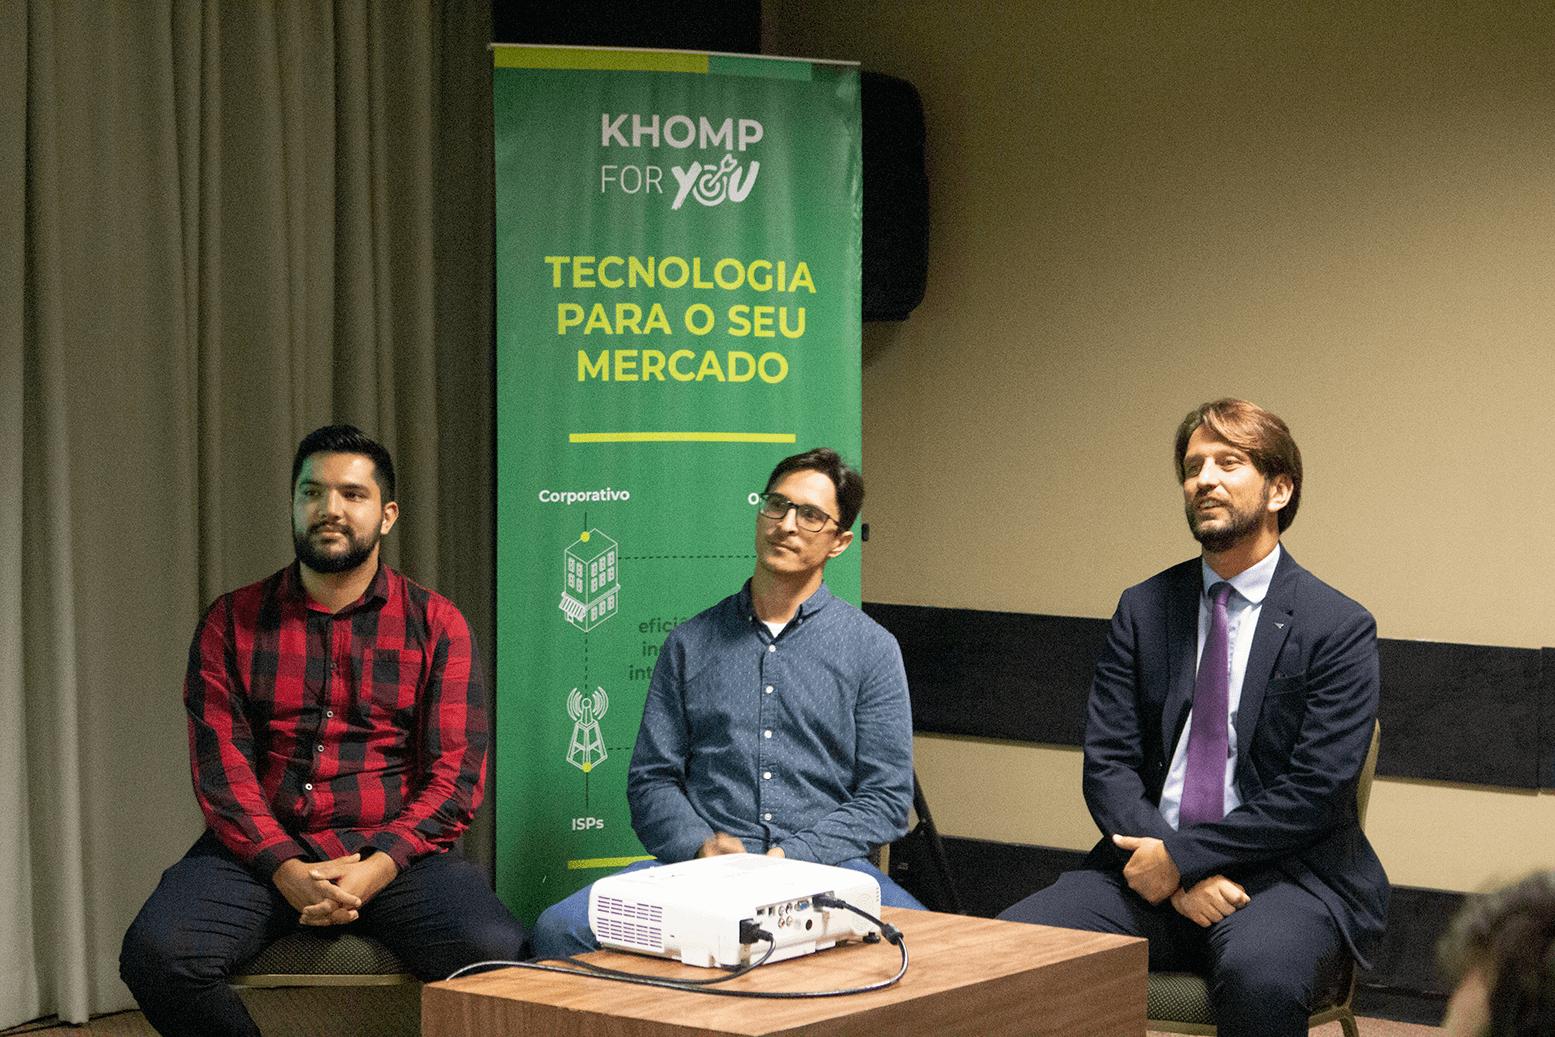 Painel Telecom Khom For You Florianópolis